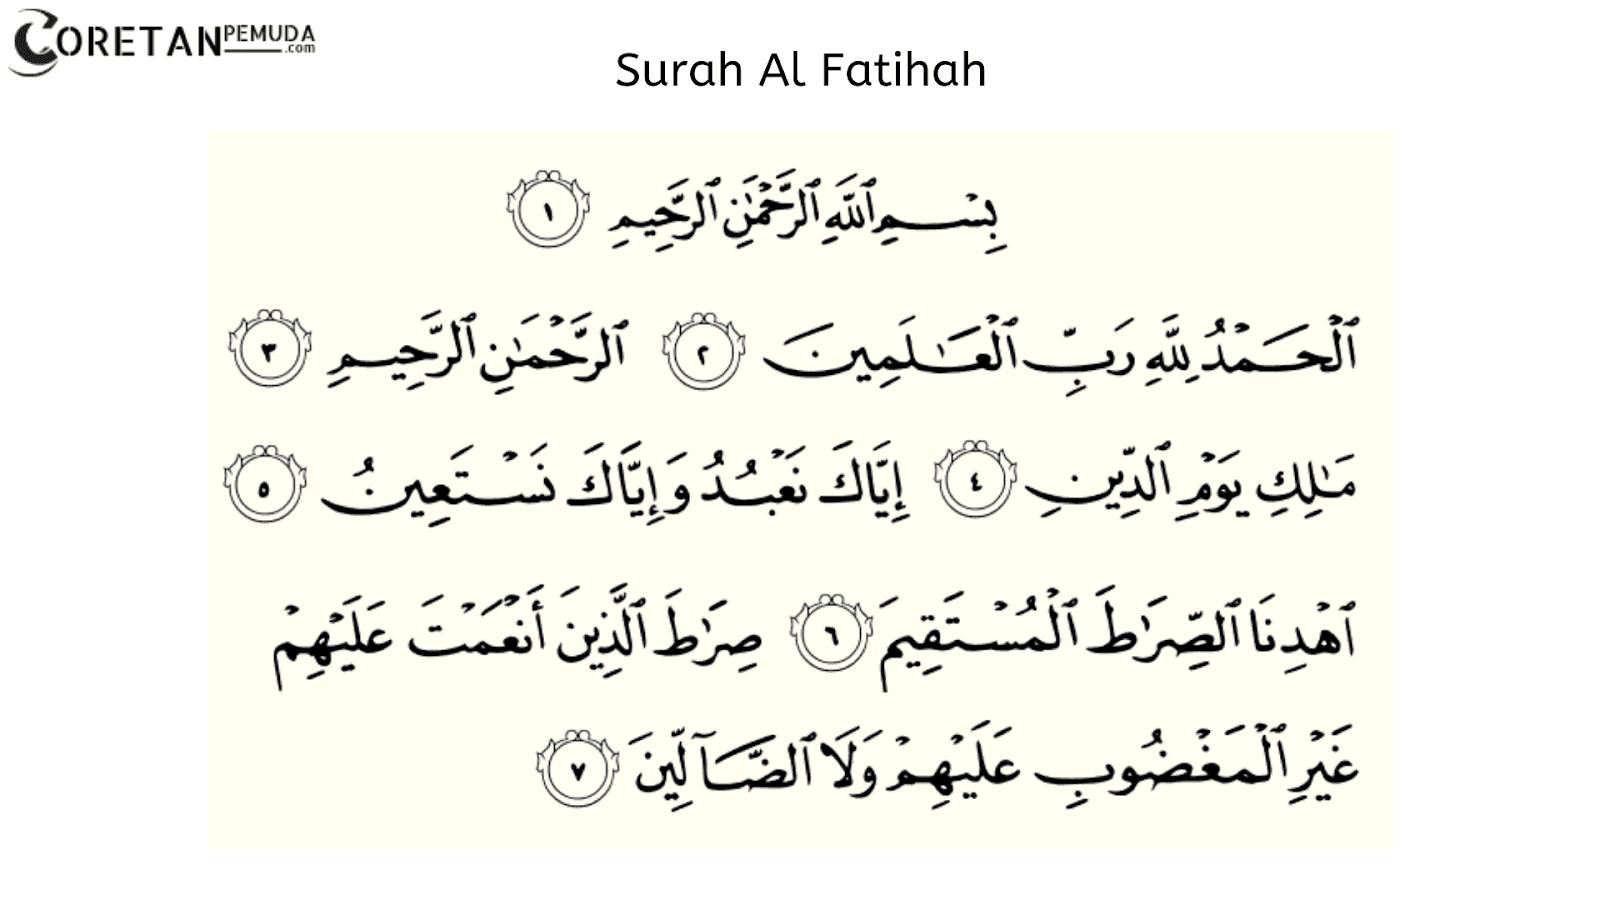 Surah Al Fatihah Arab Latin Terjemahan Arti Bahasa Indonesia